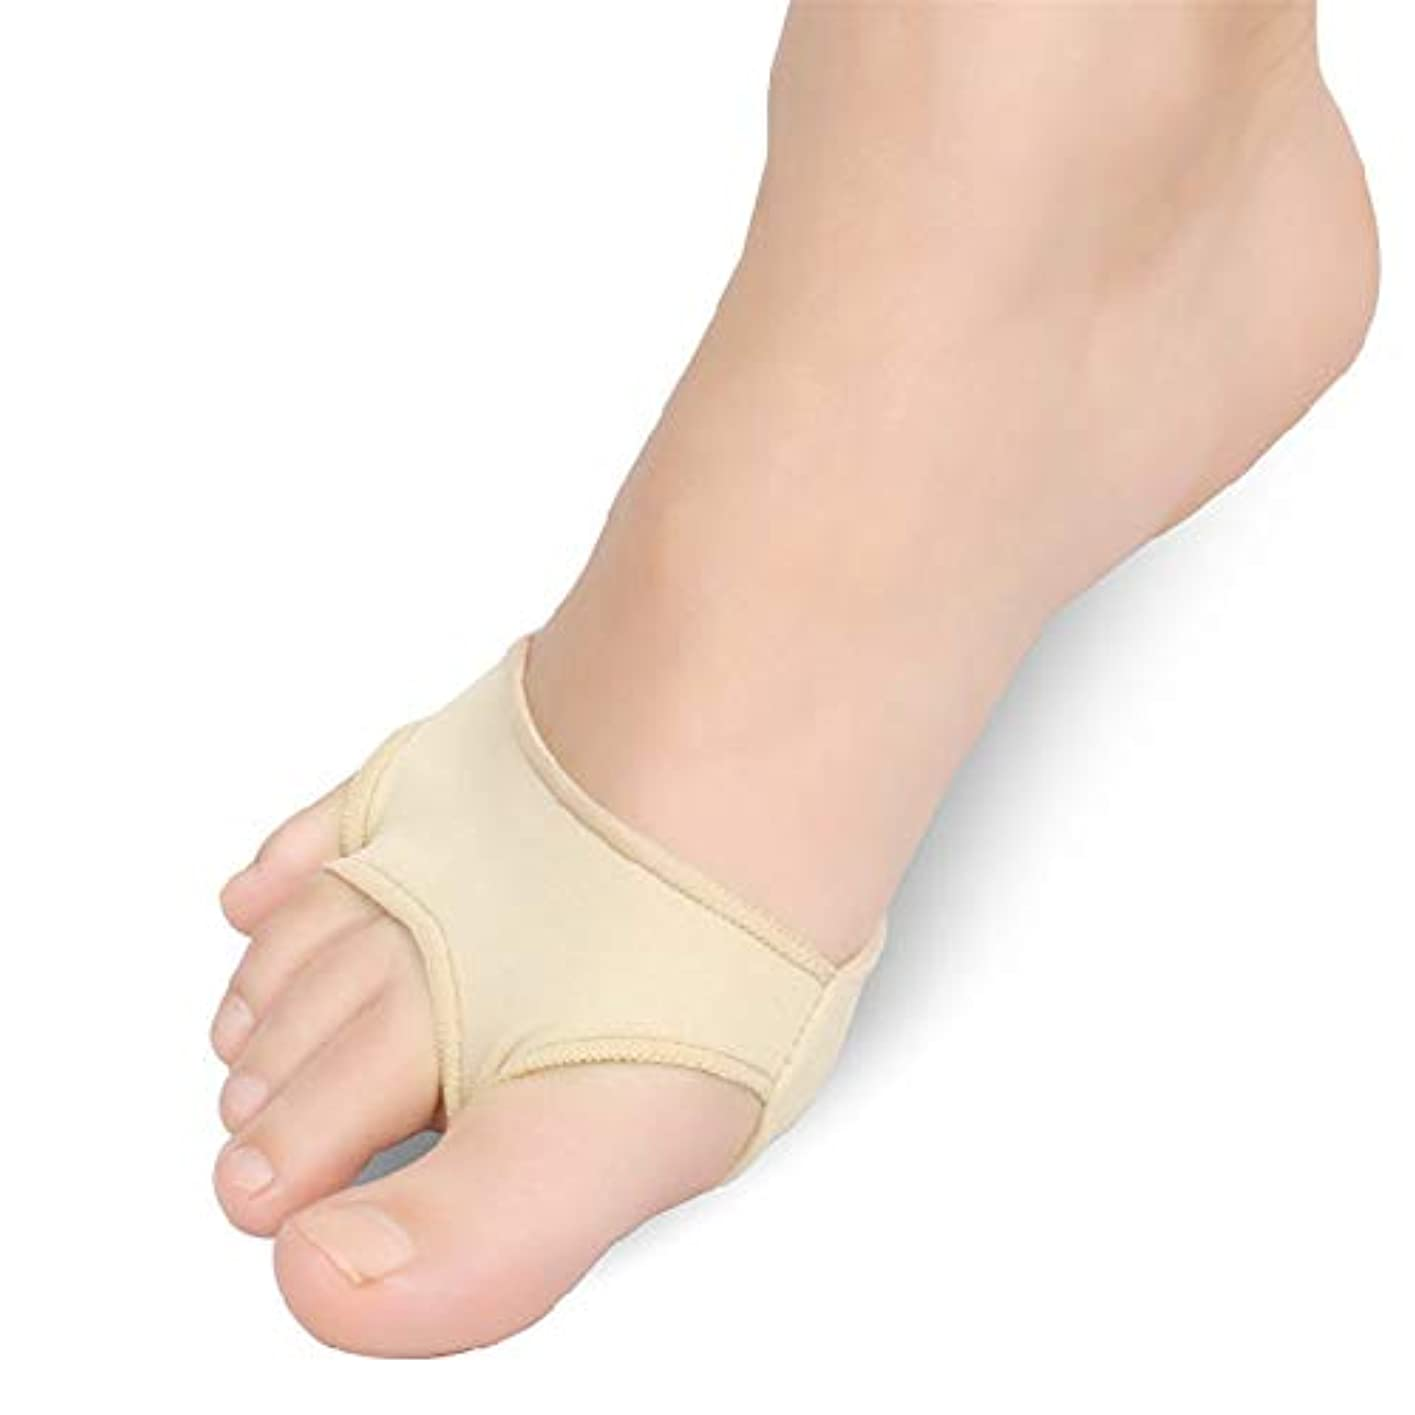 ディスクパーツ第二足パッドの2足フットゲル前足中足痛緩和吸収クッションボール,S